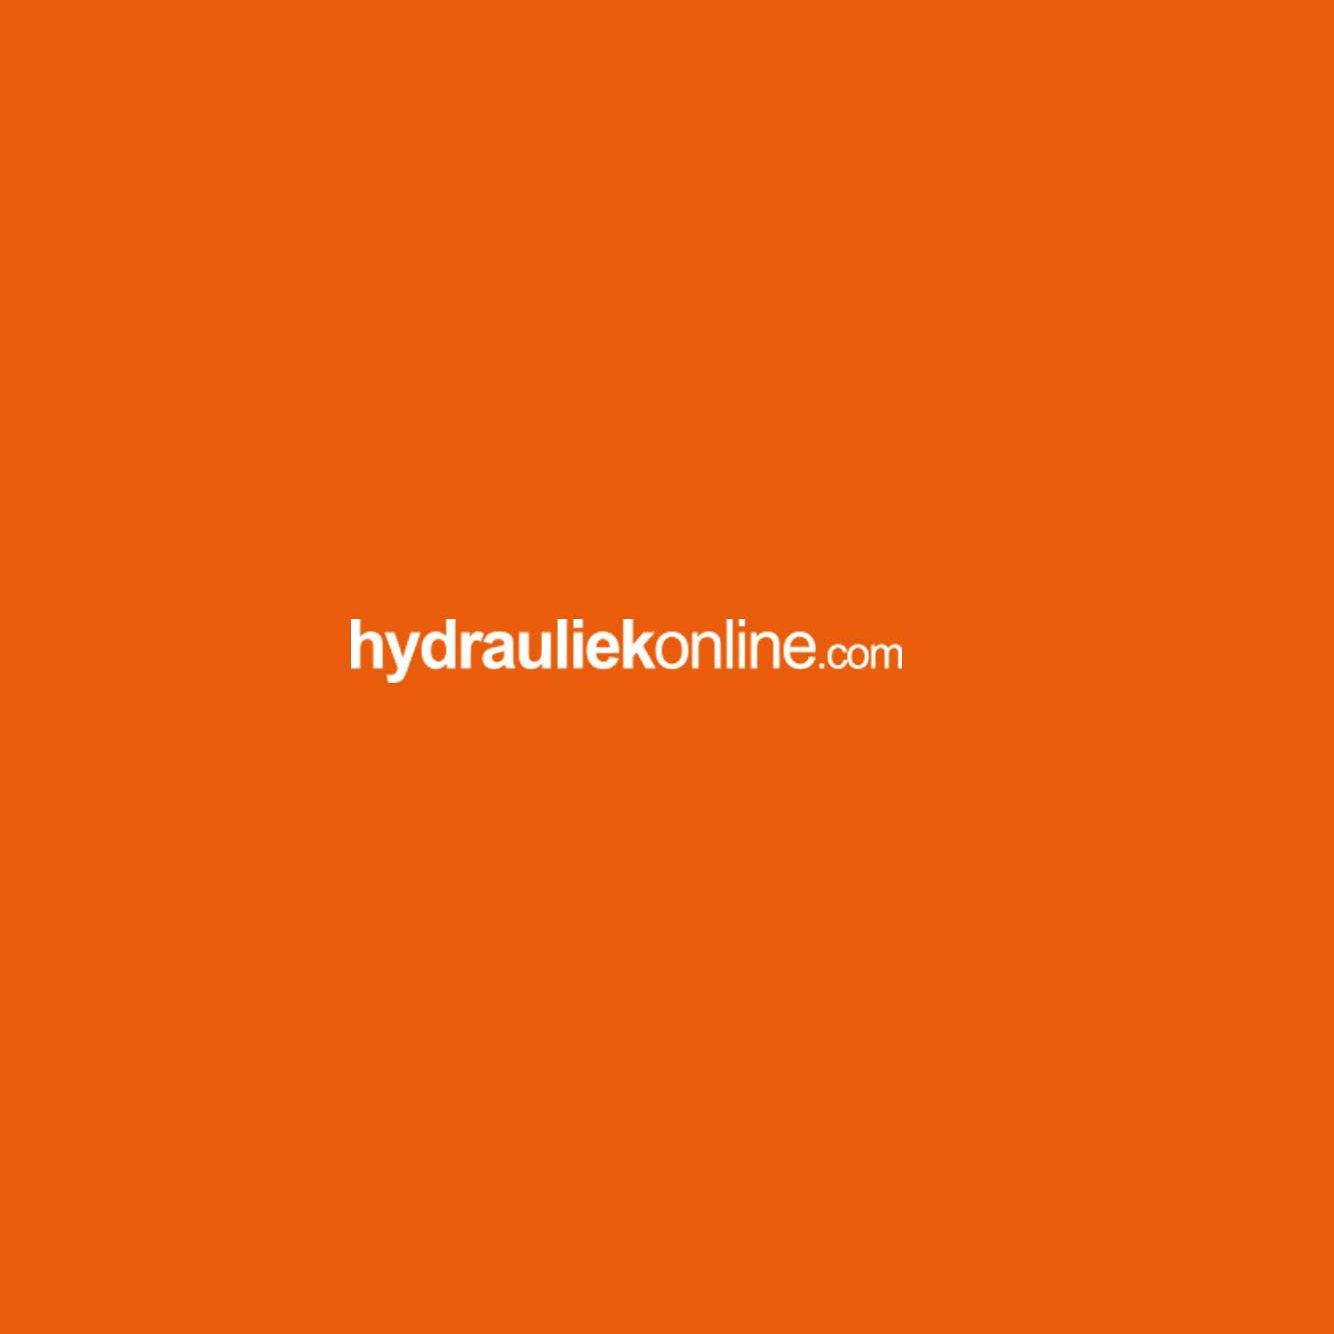 hydrauliek-online-3120.jpg